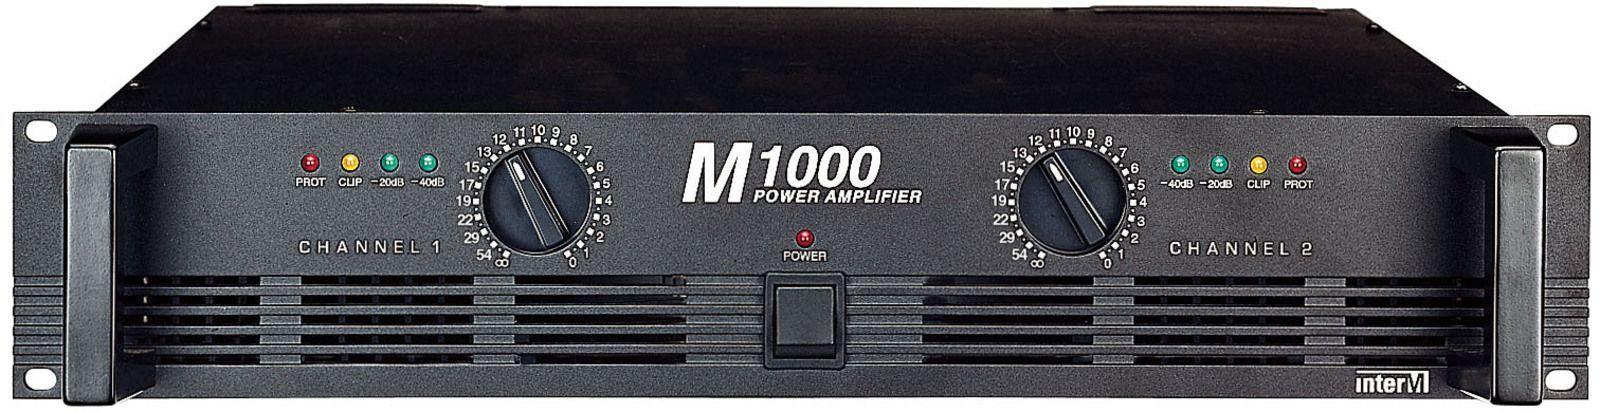 Inter-M M 1000 image (#43965) - Audiofanzine